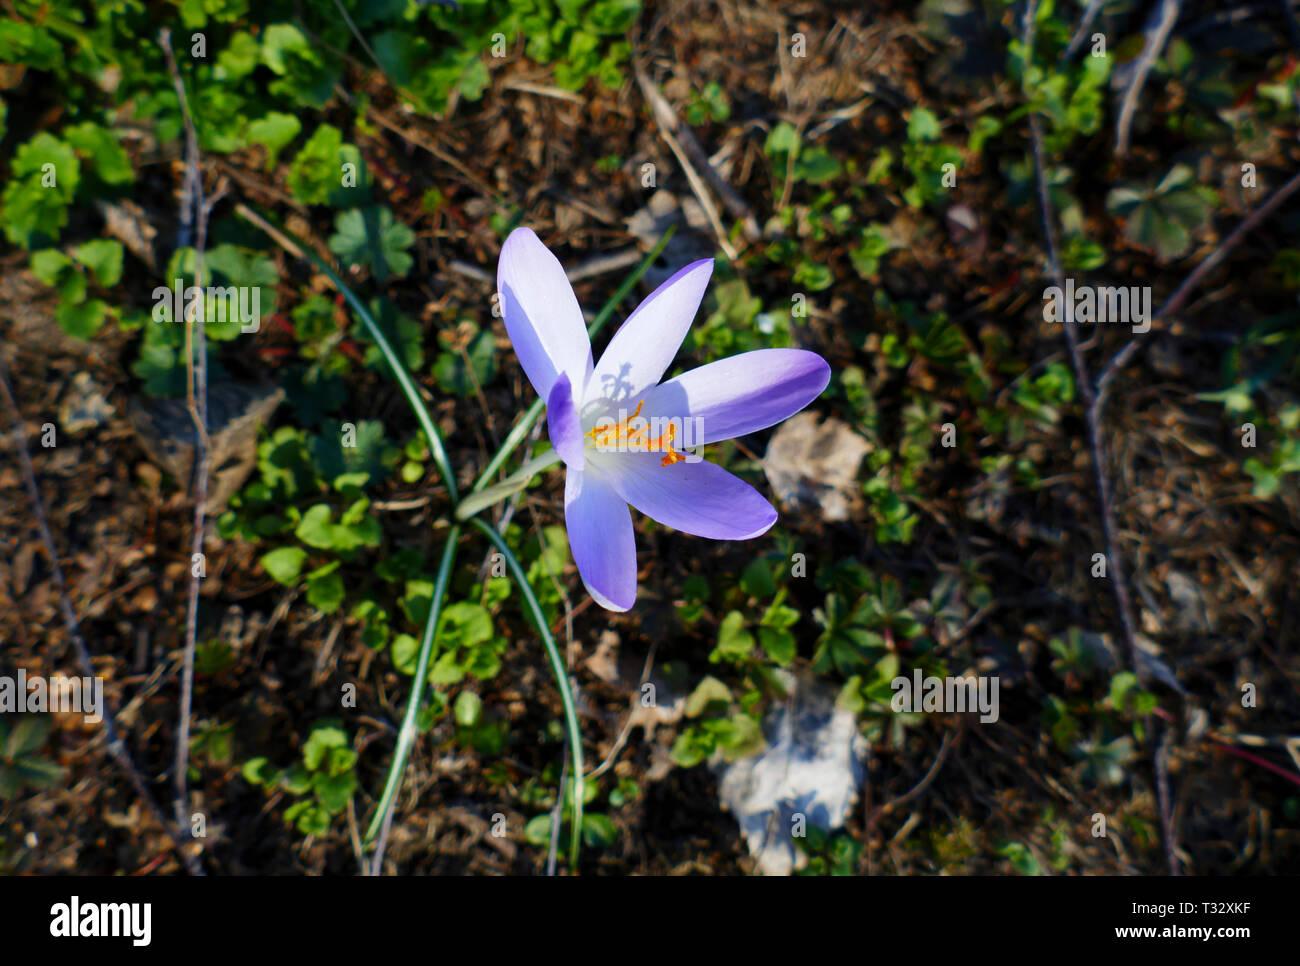 Lila, ultra violett farbene Krokusse, Blütenteppich auf einer Wiese - Stock Image